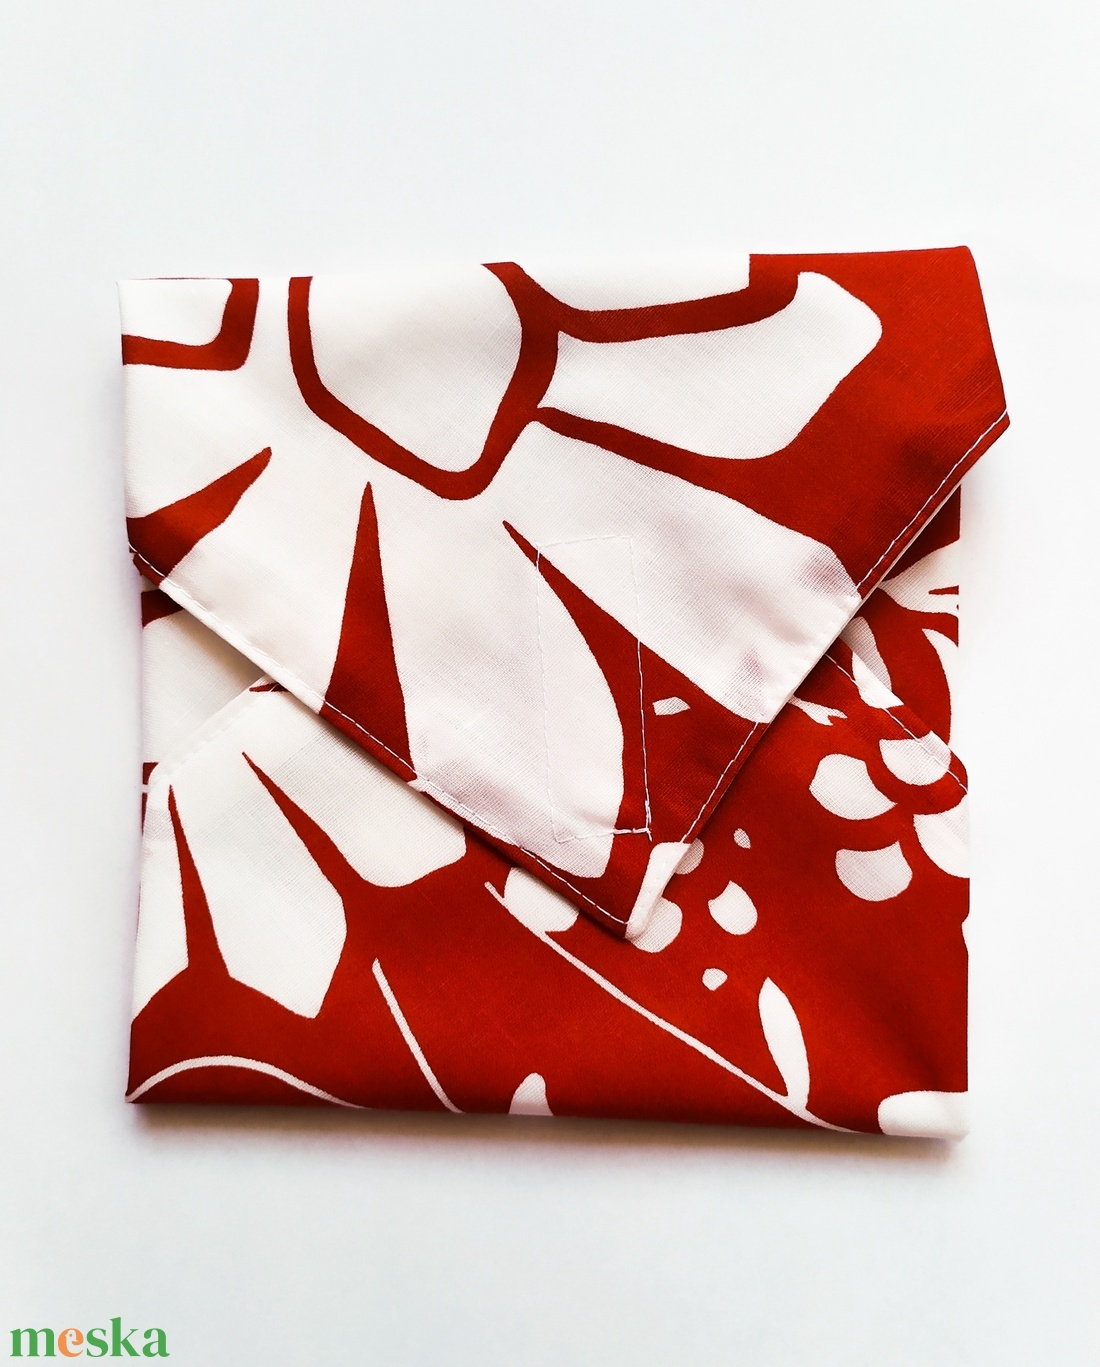 Újraszalvéta, szendvics csomagoló, piros alapon fehér virágok - ovi- és sulikezdés - uzsonna- & ebéd tartó - szendvics csomagoló - Meska.hu